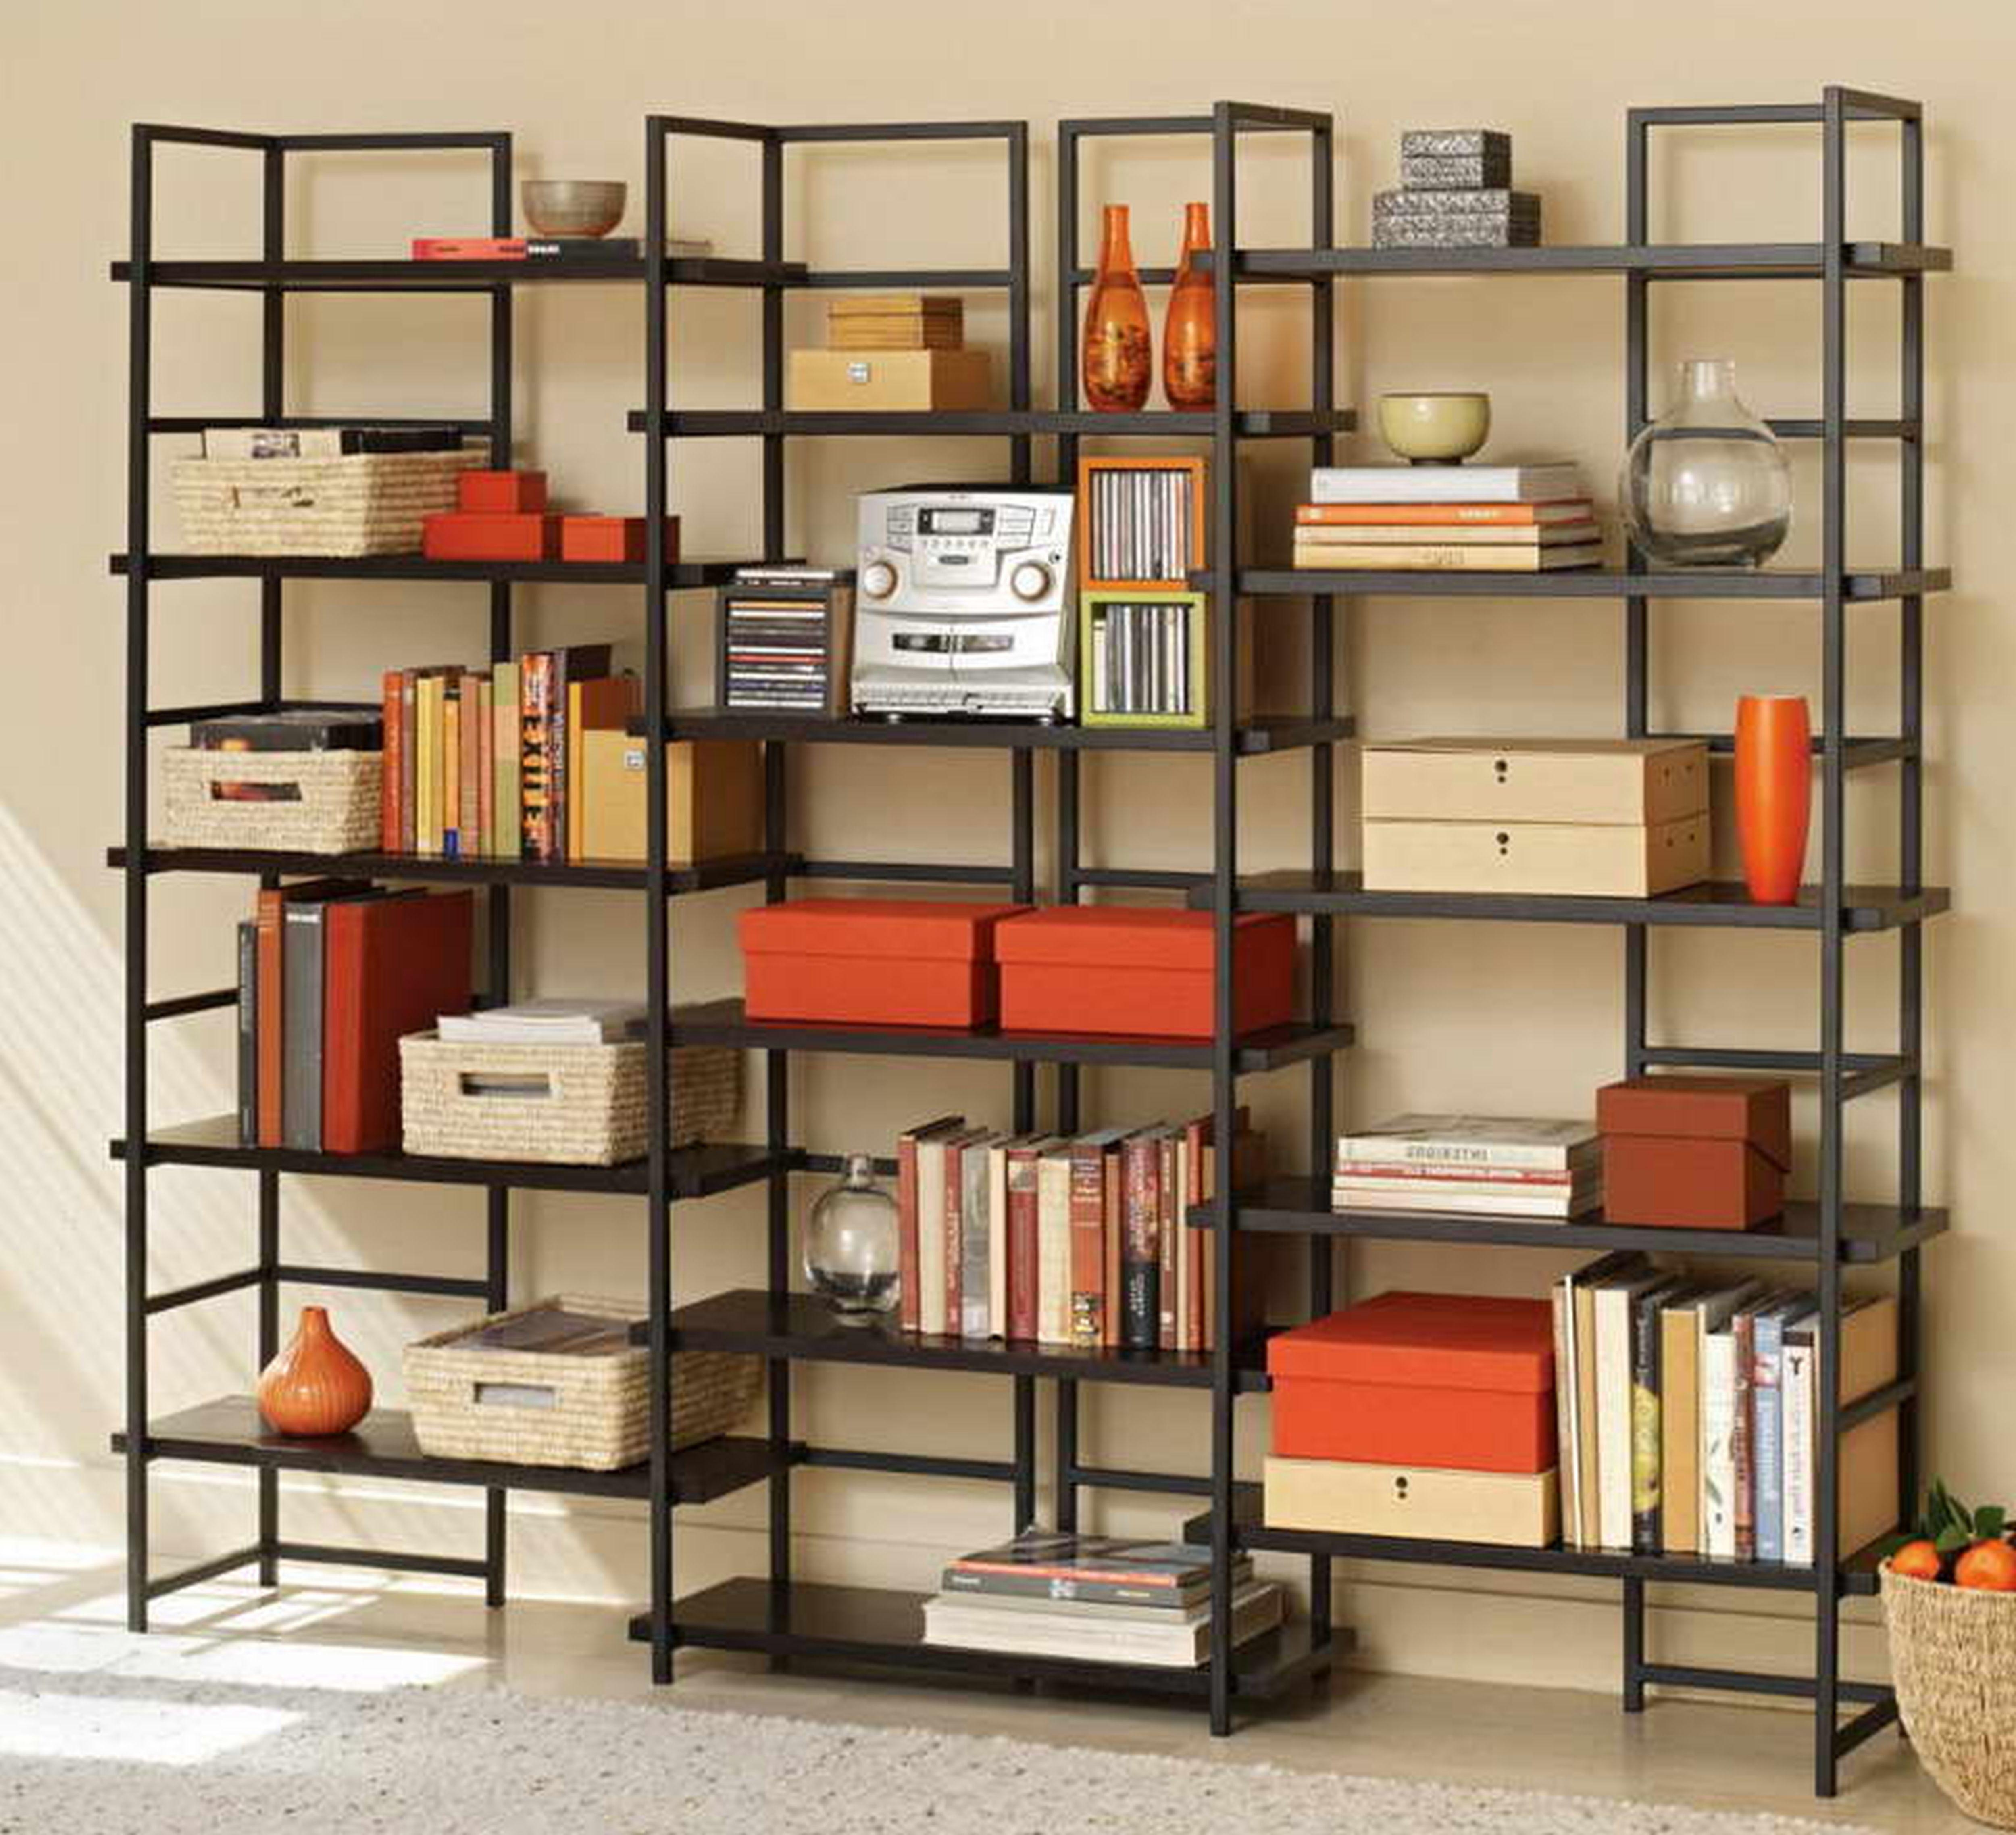 Fresh Full Wall Bookshelves Diy 7496 For Full Wall Bookshelf (View 4 of 11)